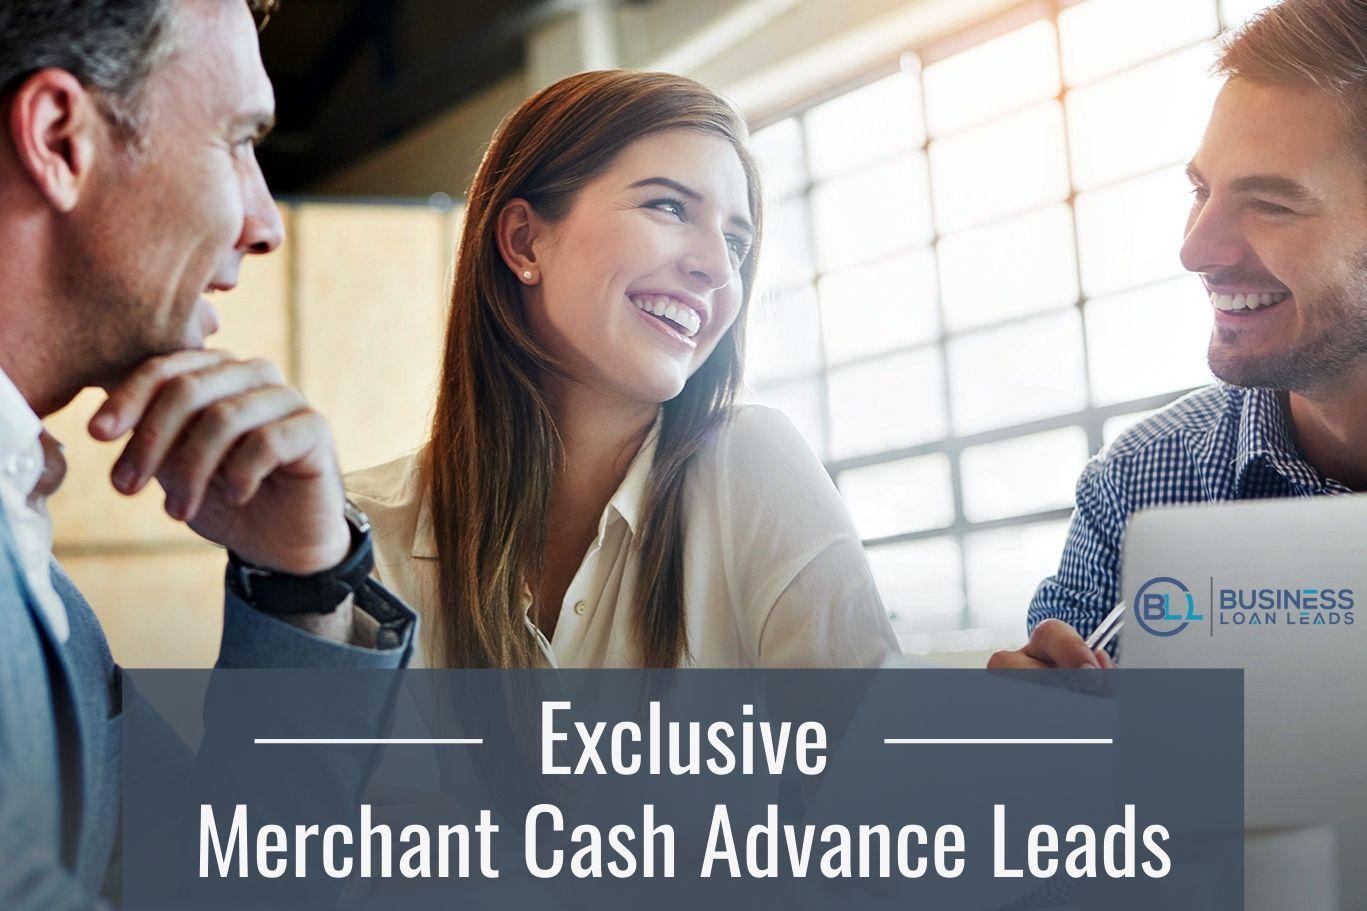 Exclusive Merchant Cash Advance Leads